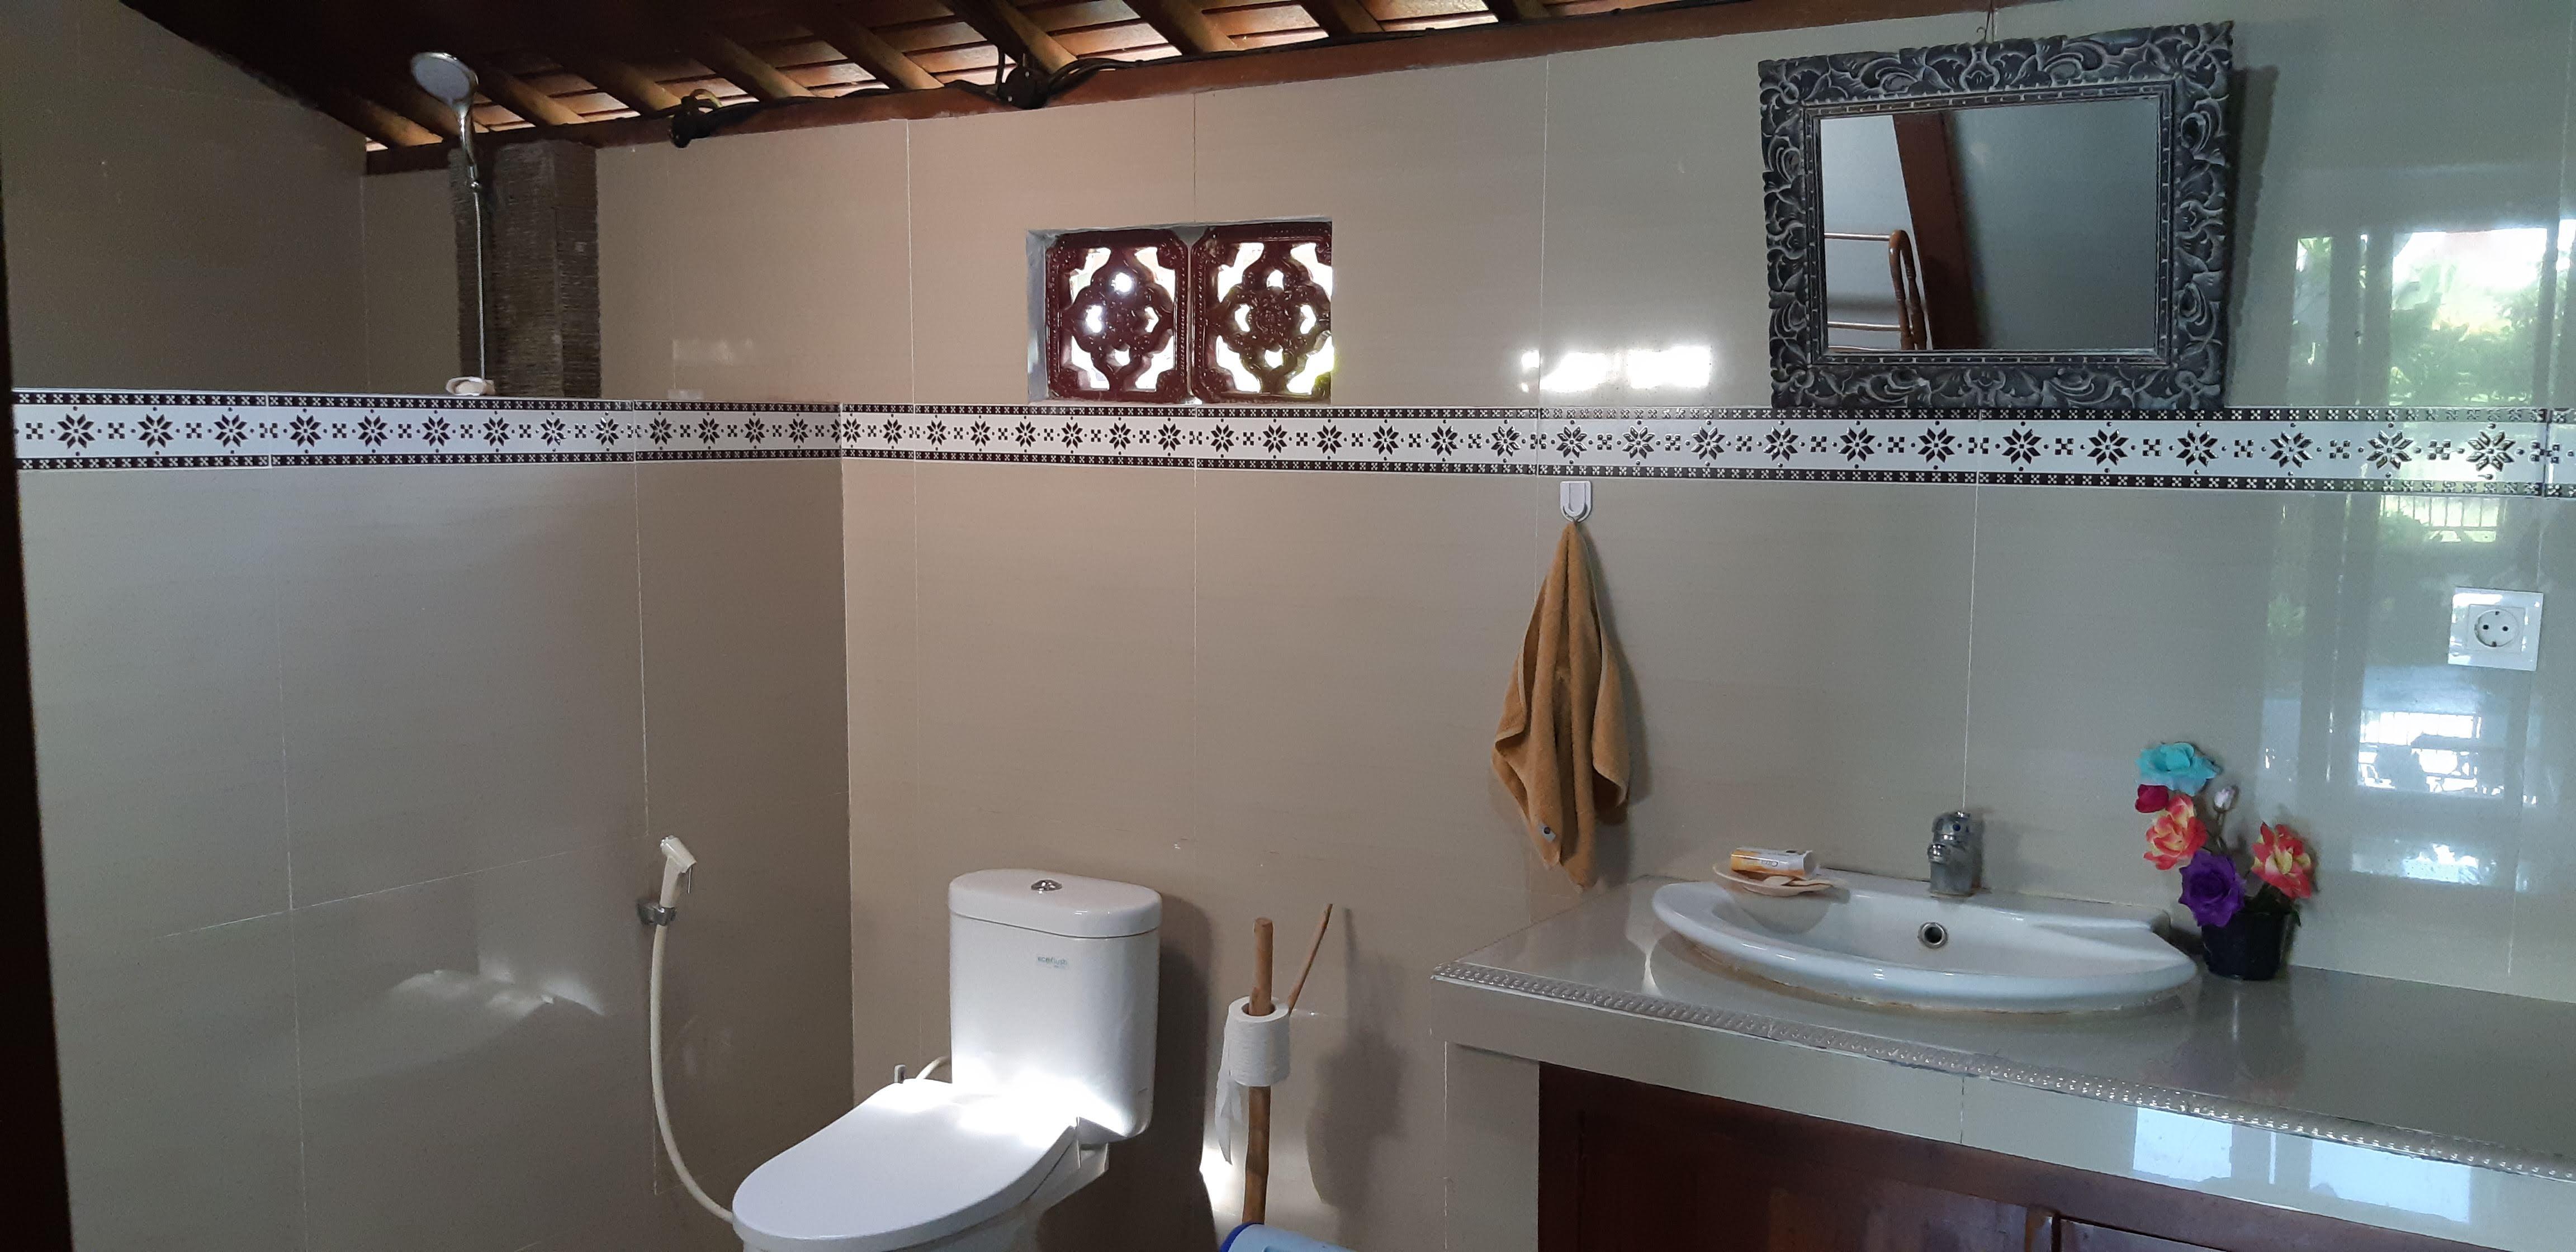 Teakbathroom